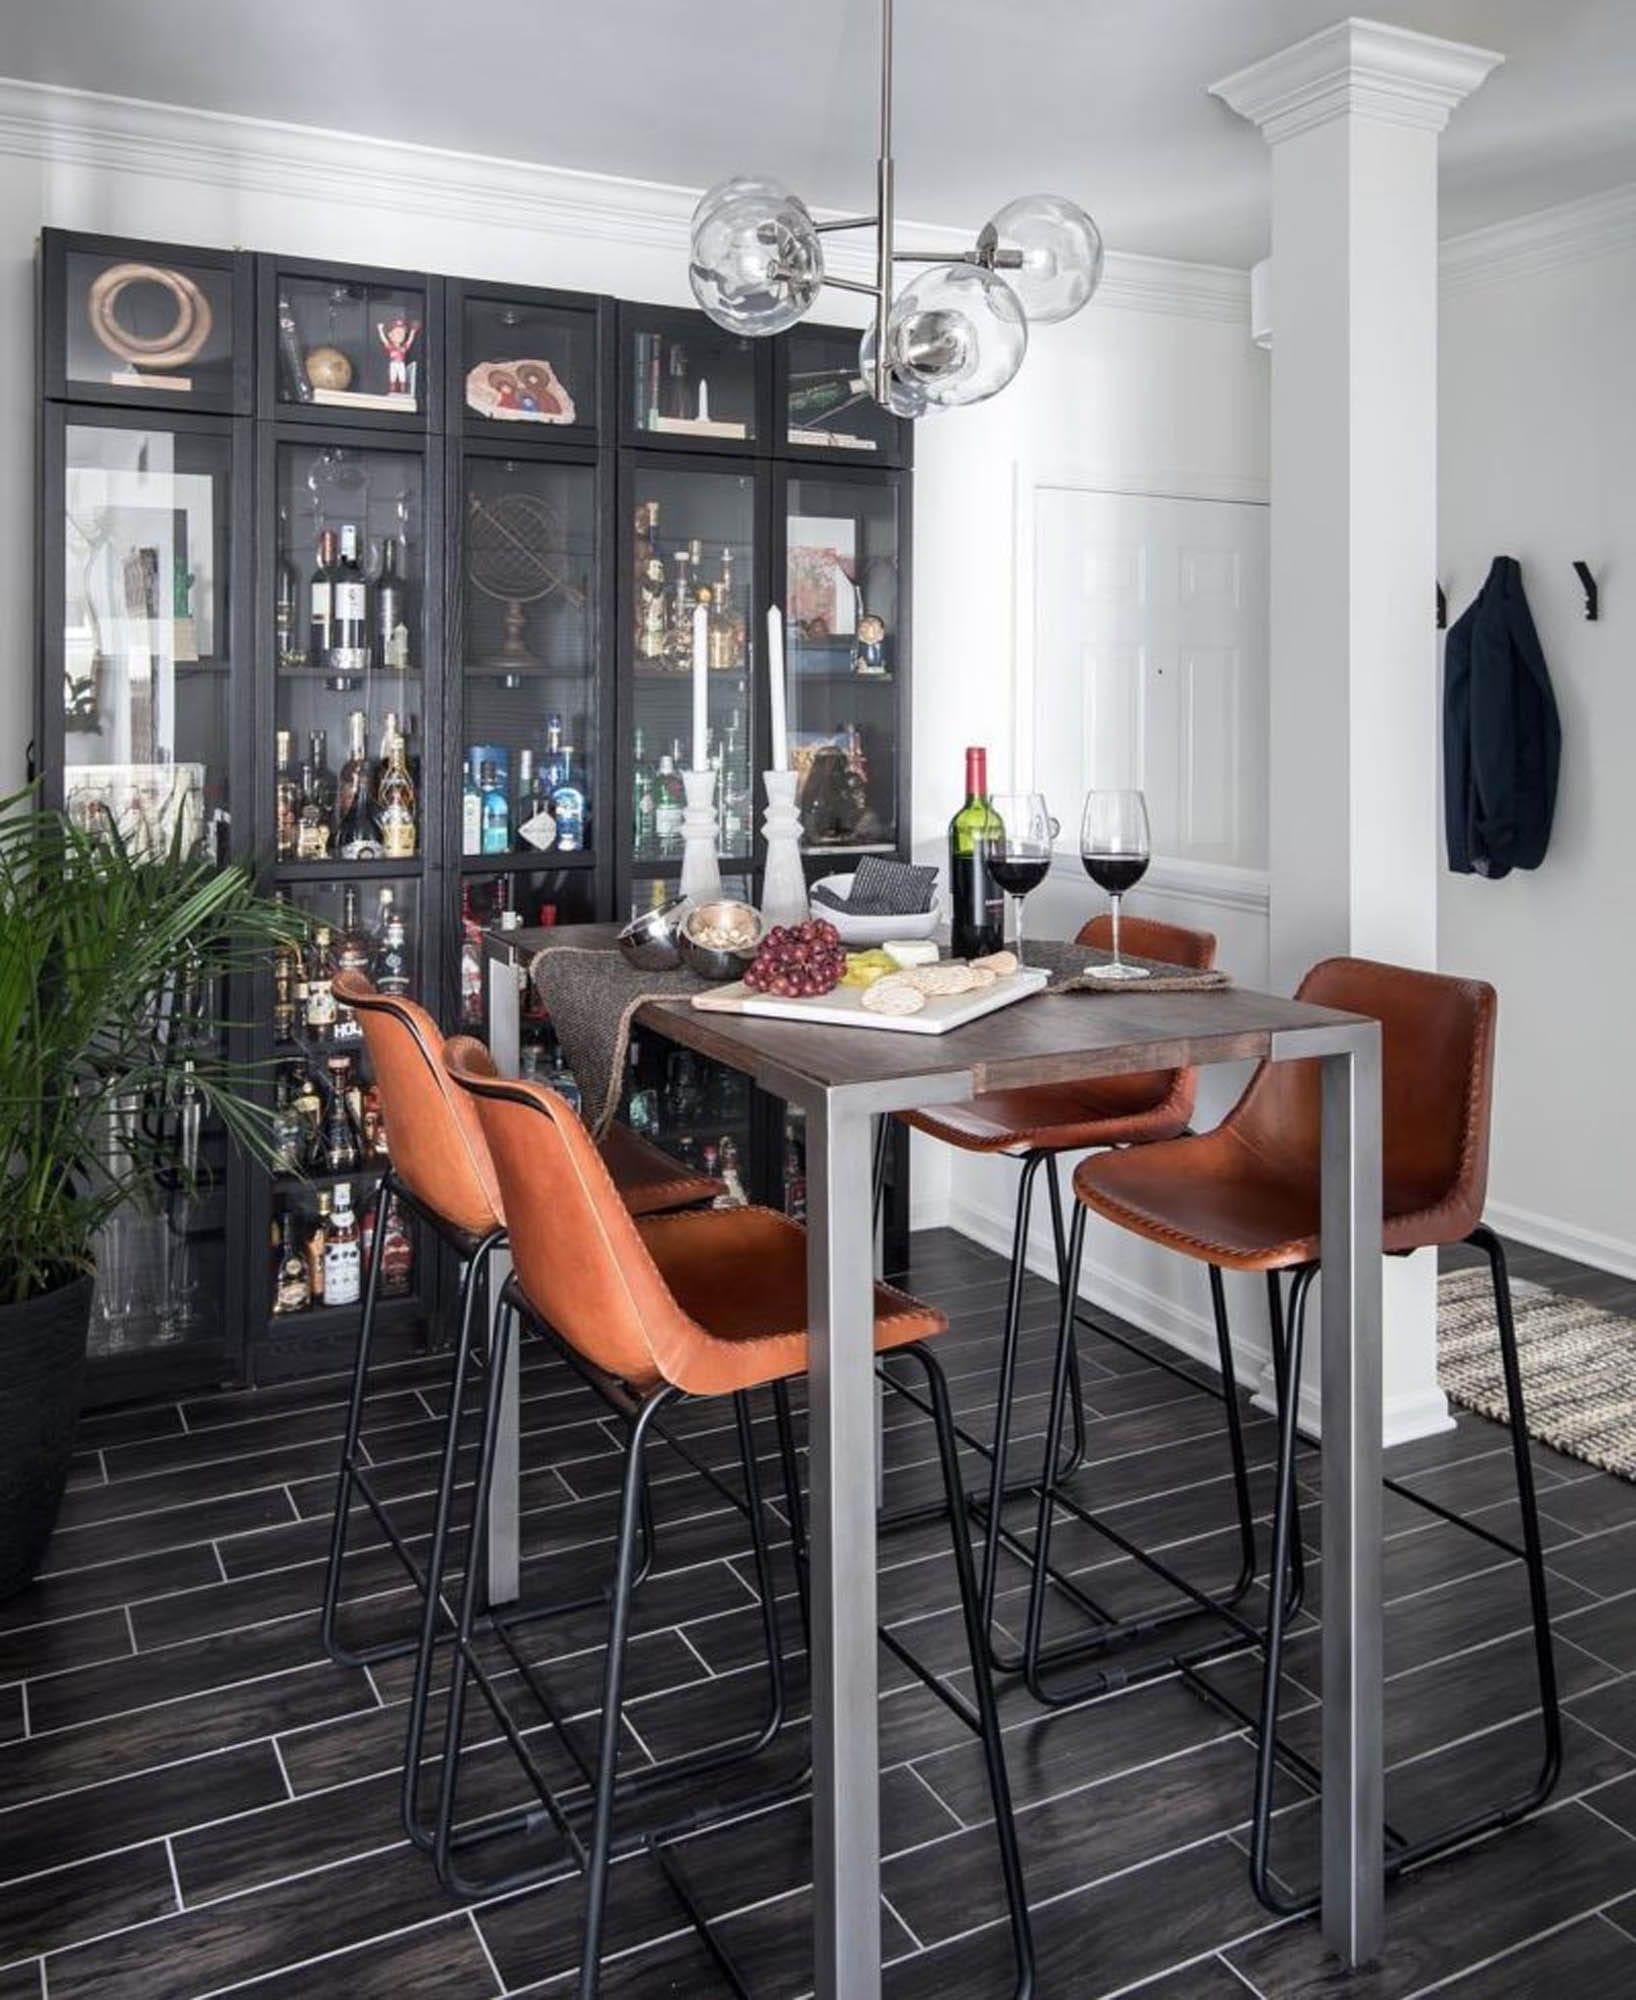 Black and white bar tile